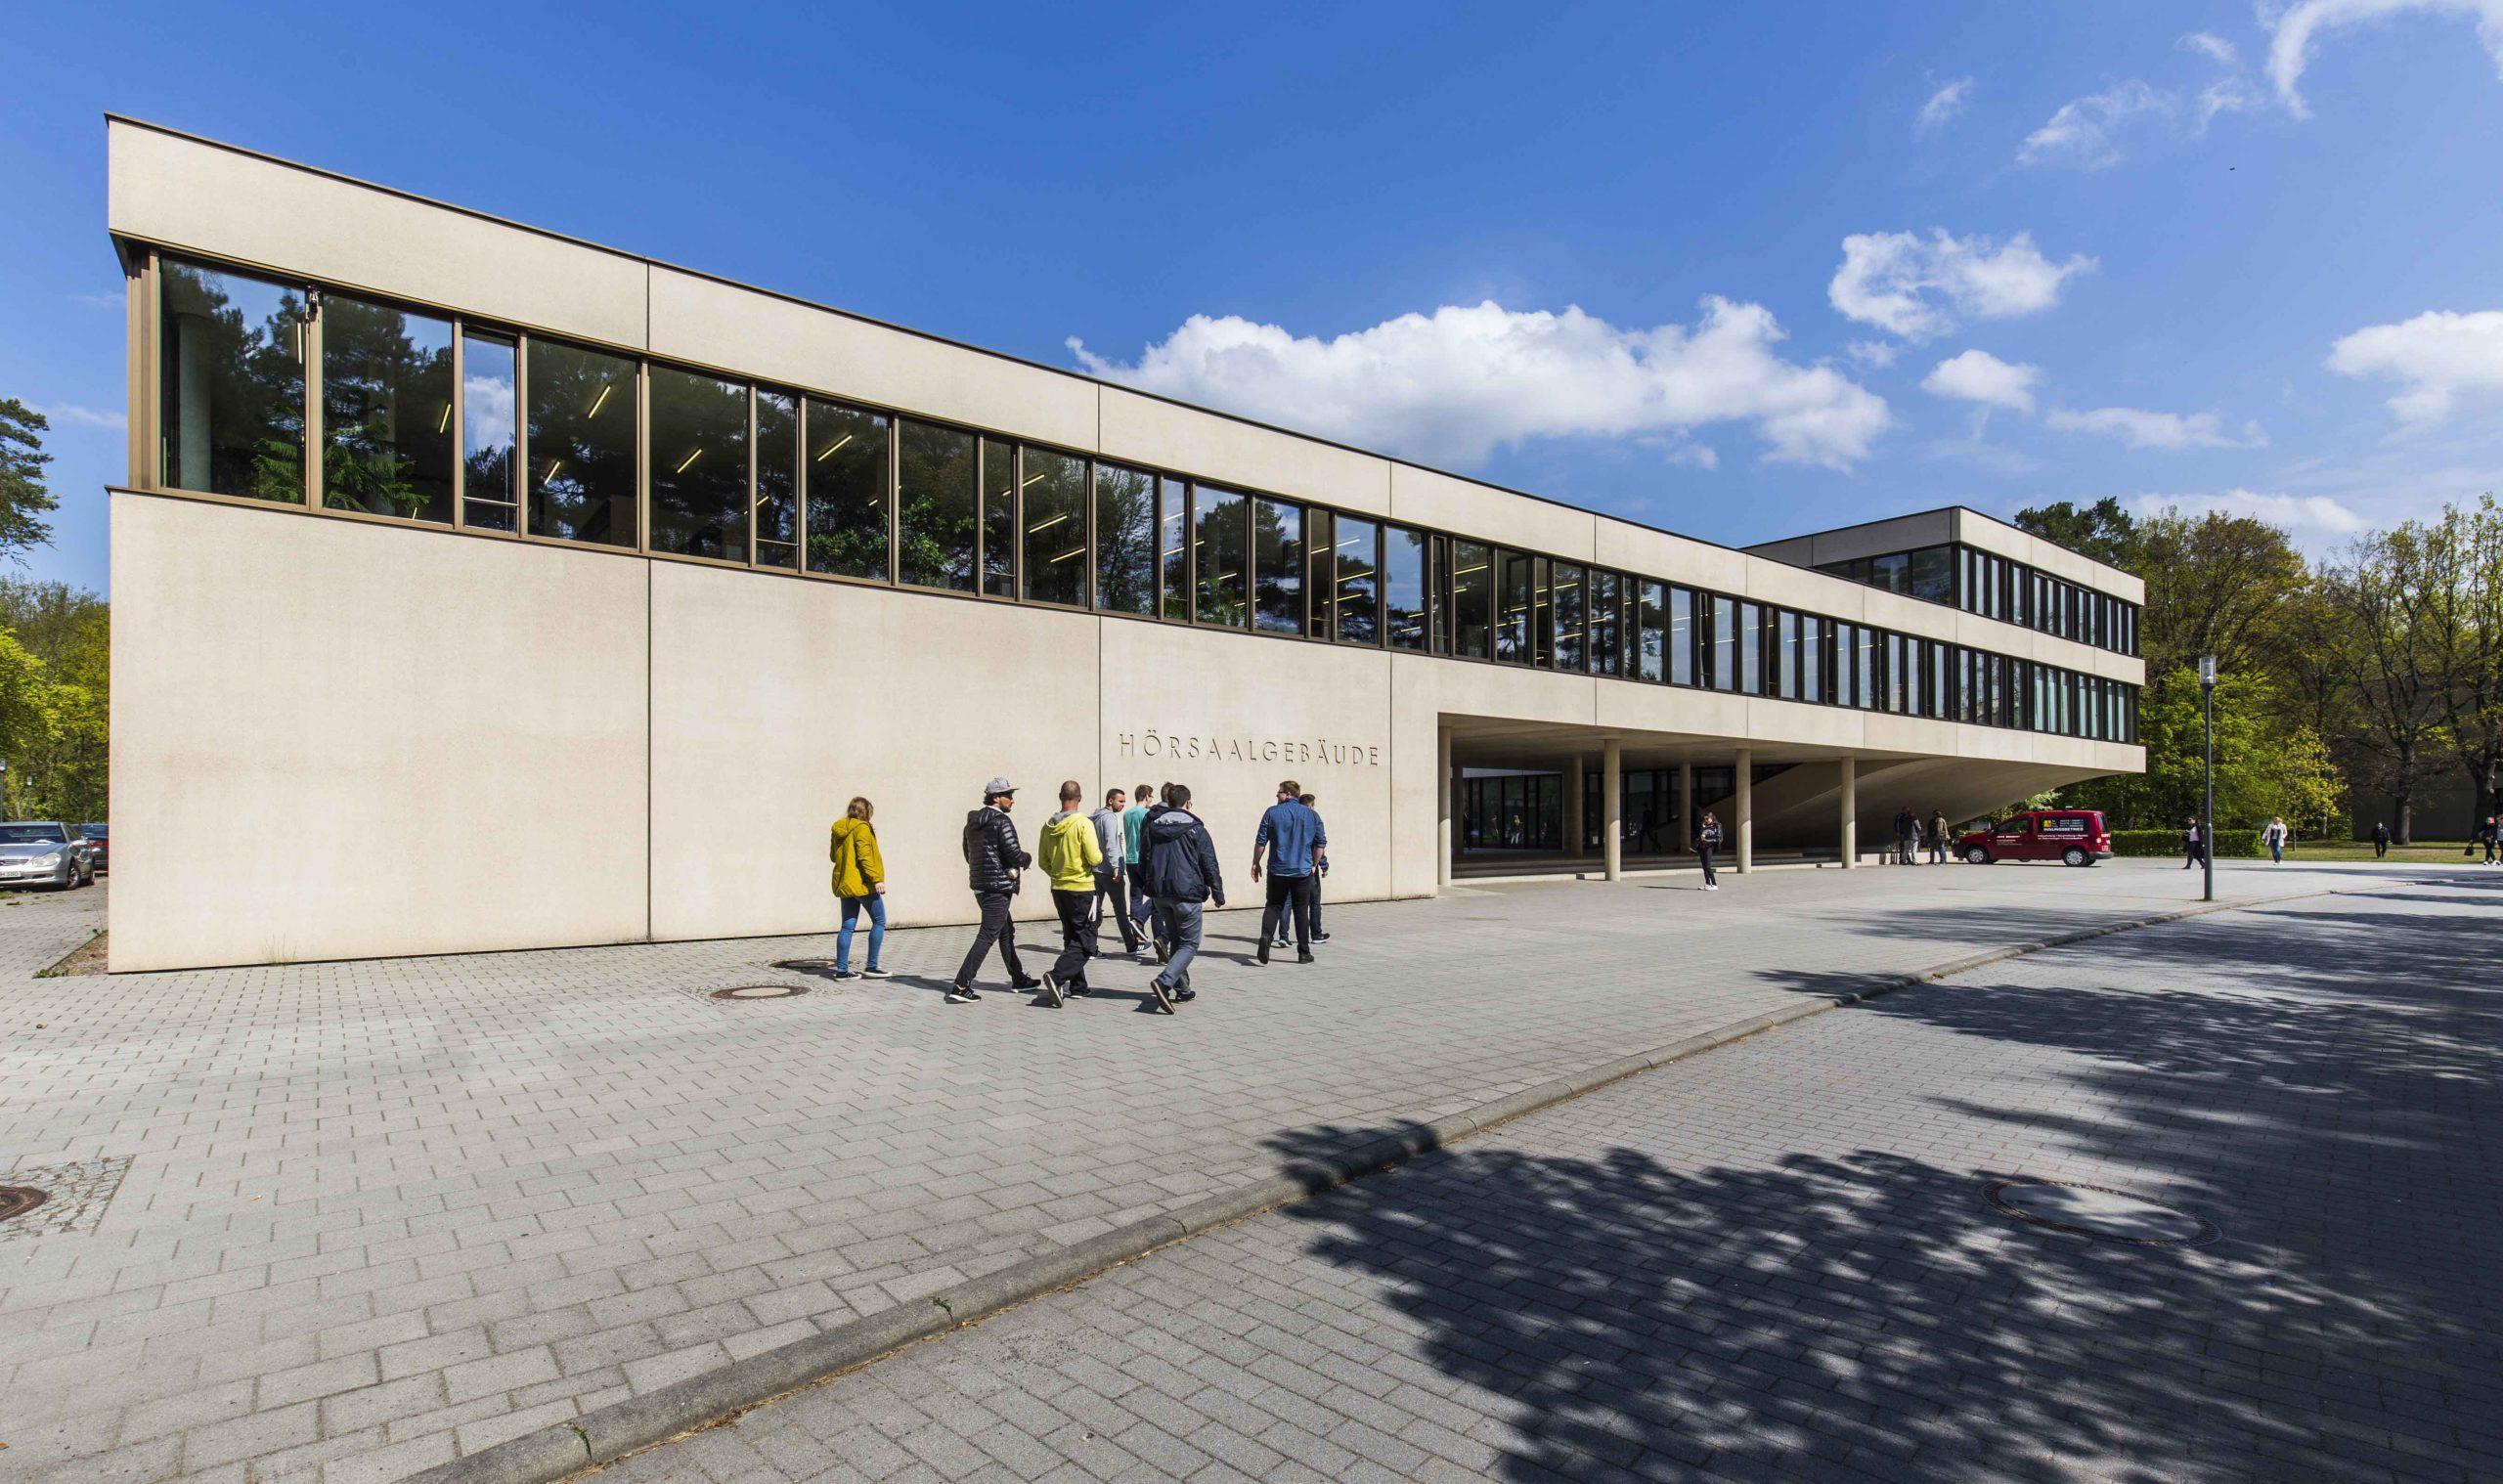 Auf dem Campus in der Fachhochschule für Finanzen in Königs Wusterhausen